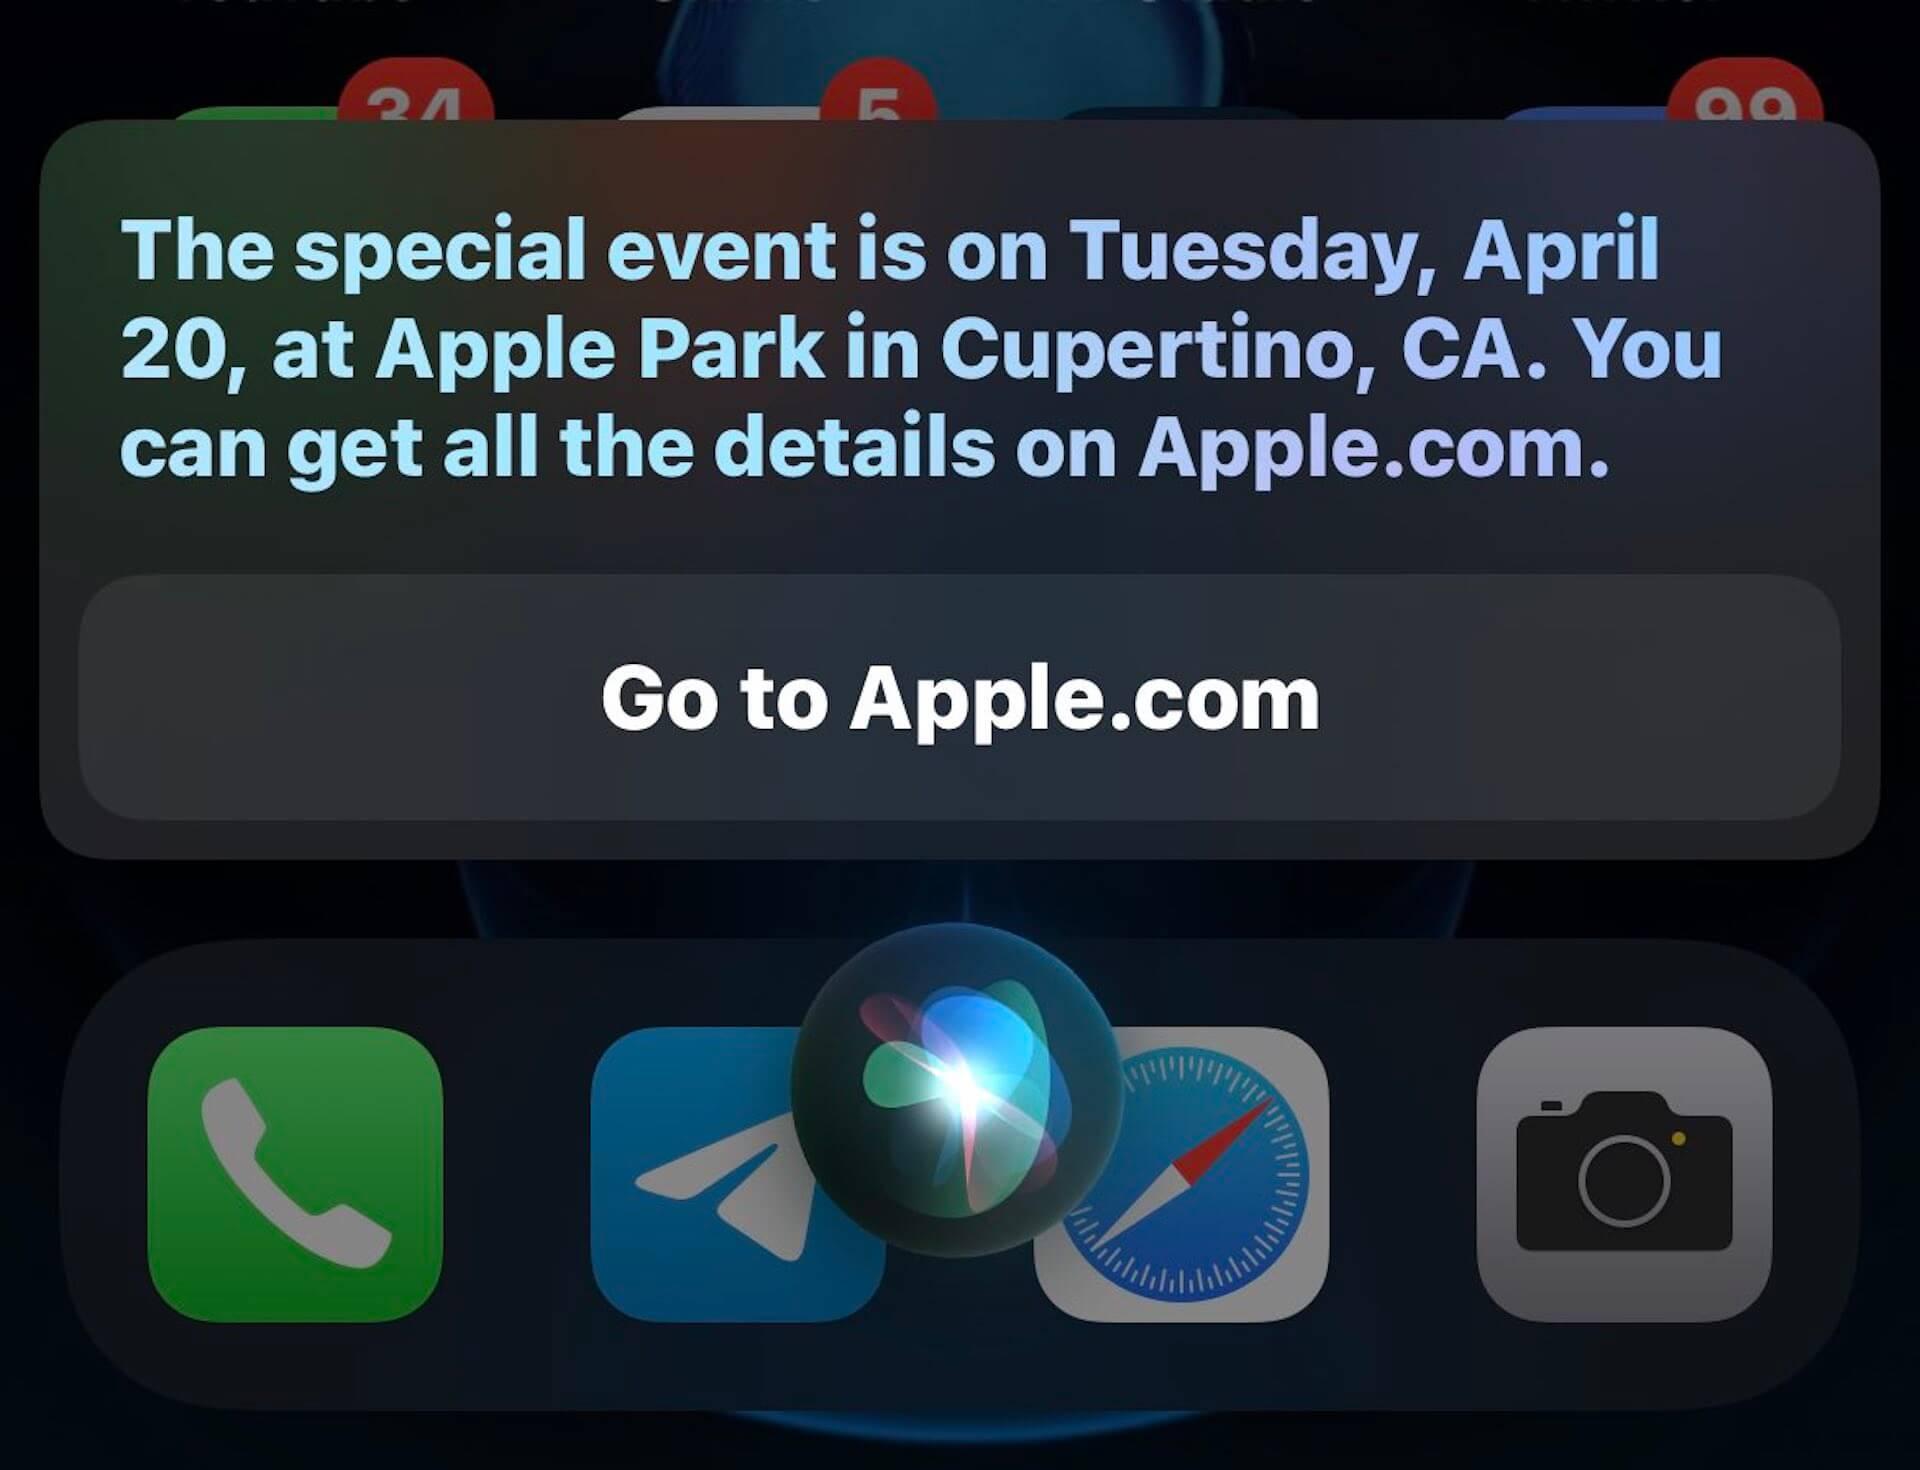 Appleの次のイベントは4月20日に開催!?Siriが次のイベント開催日を回答 tech210413_apple_event_main